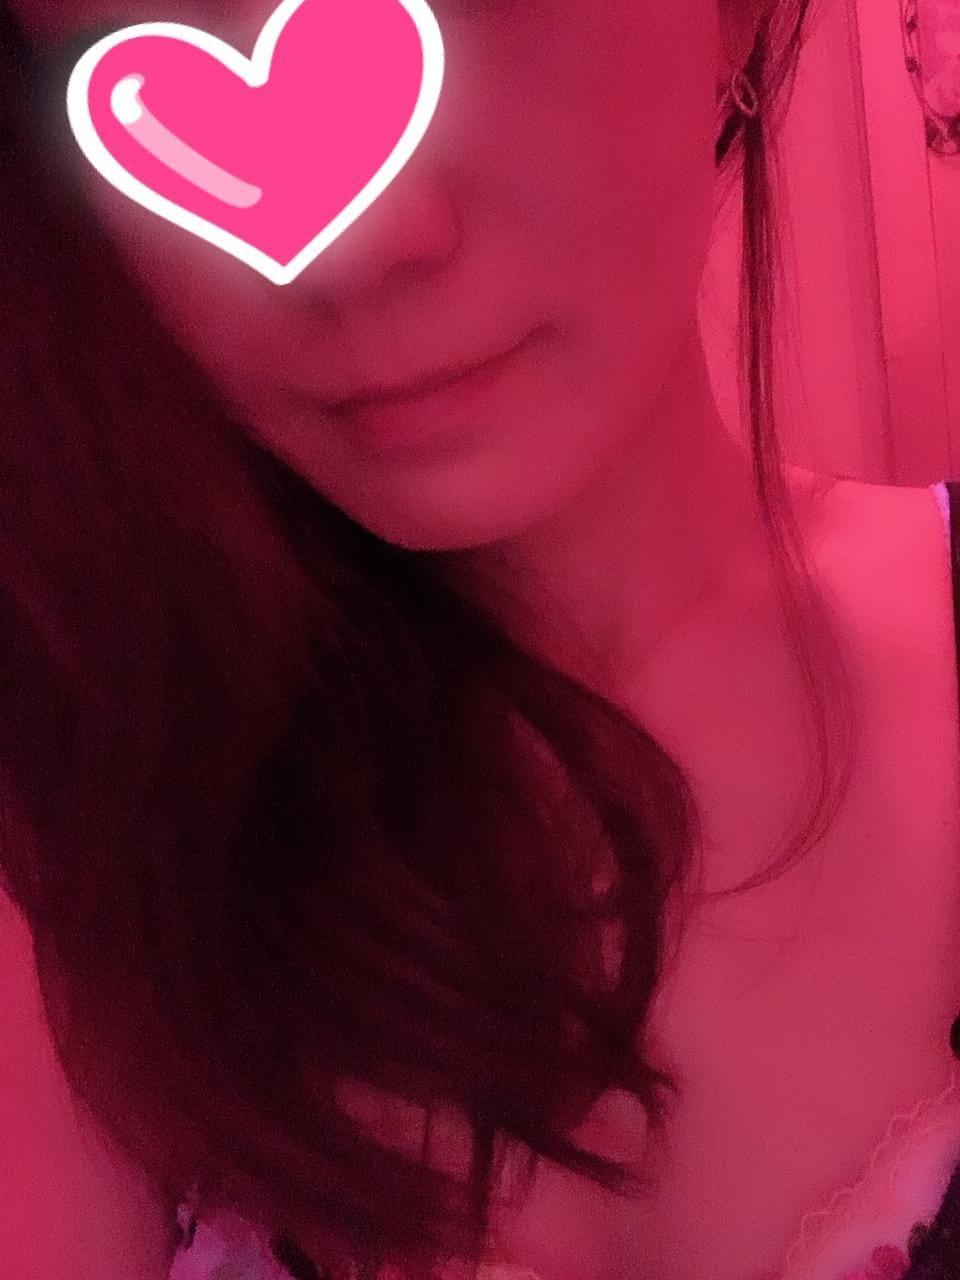 「おはよう♡」02/17(日) 09:24 | はなの写メ・風俗動画